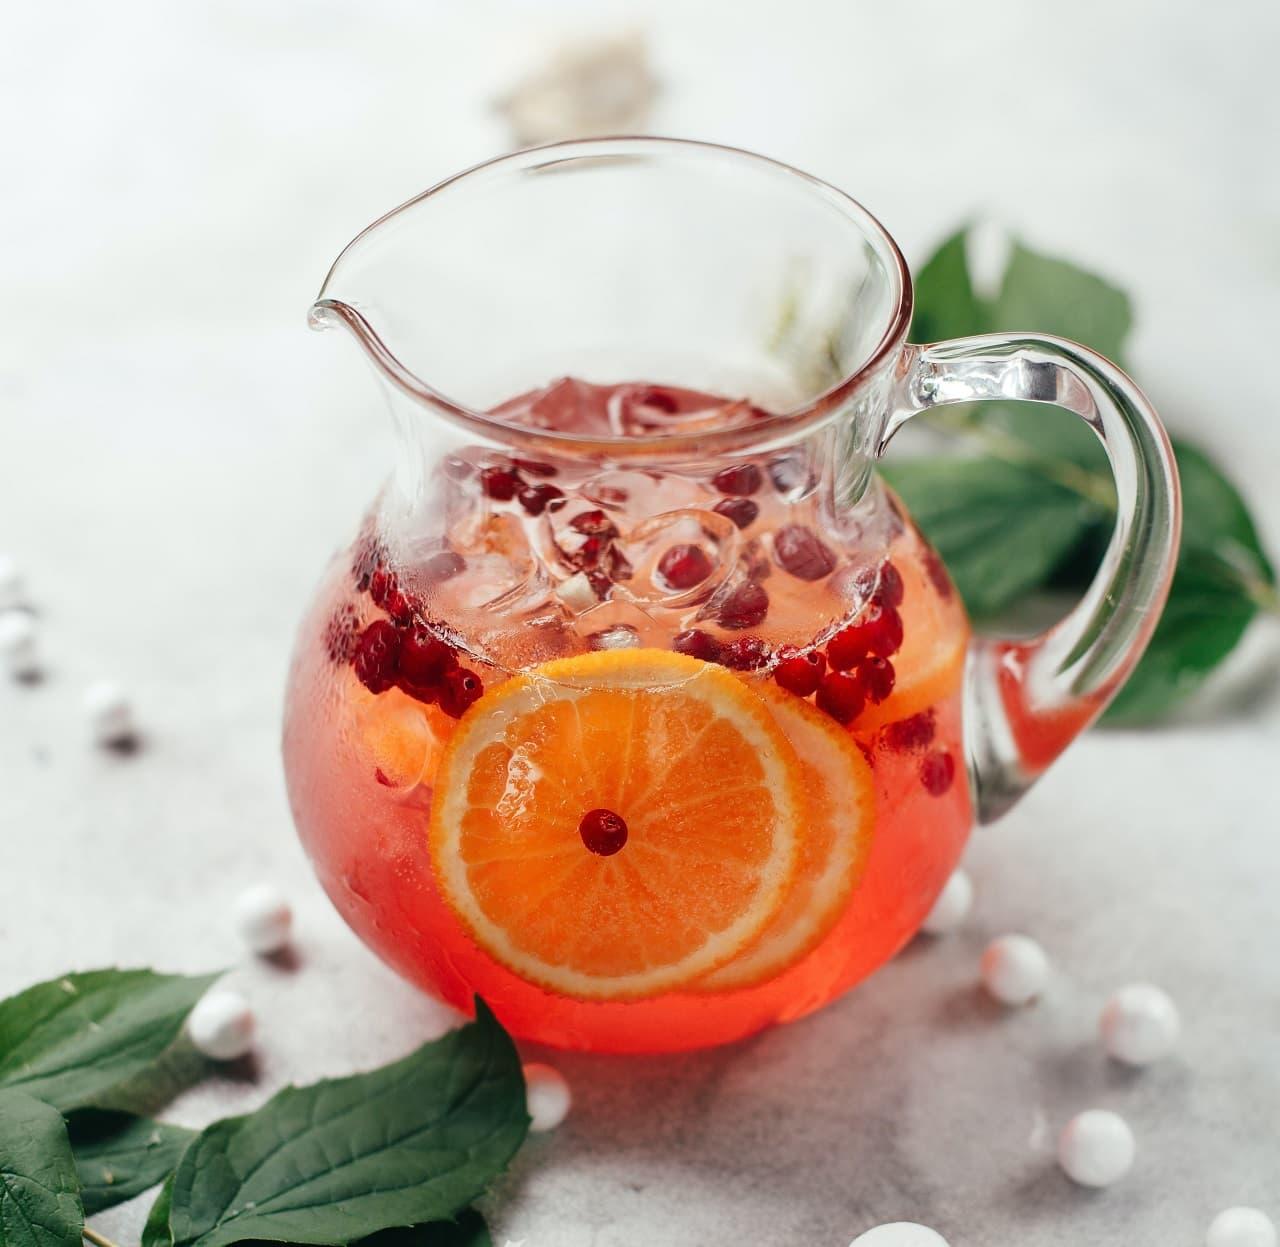 Limonade mit Beeren und Orange in Karaffe